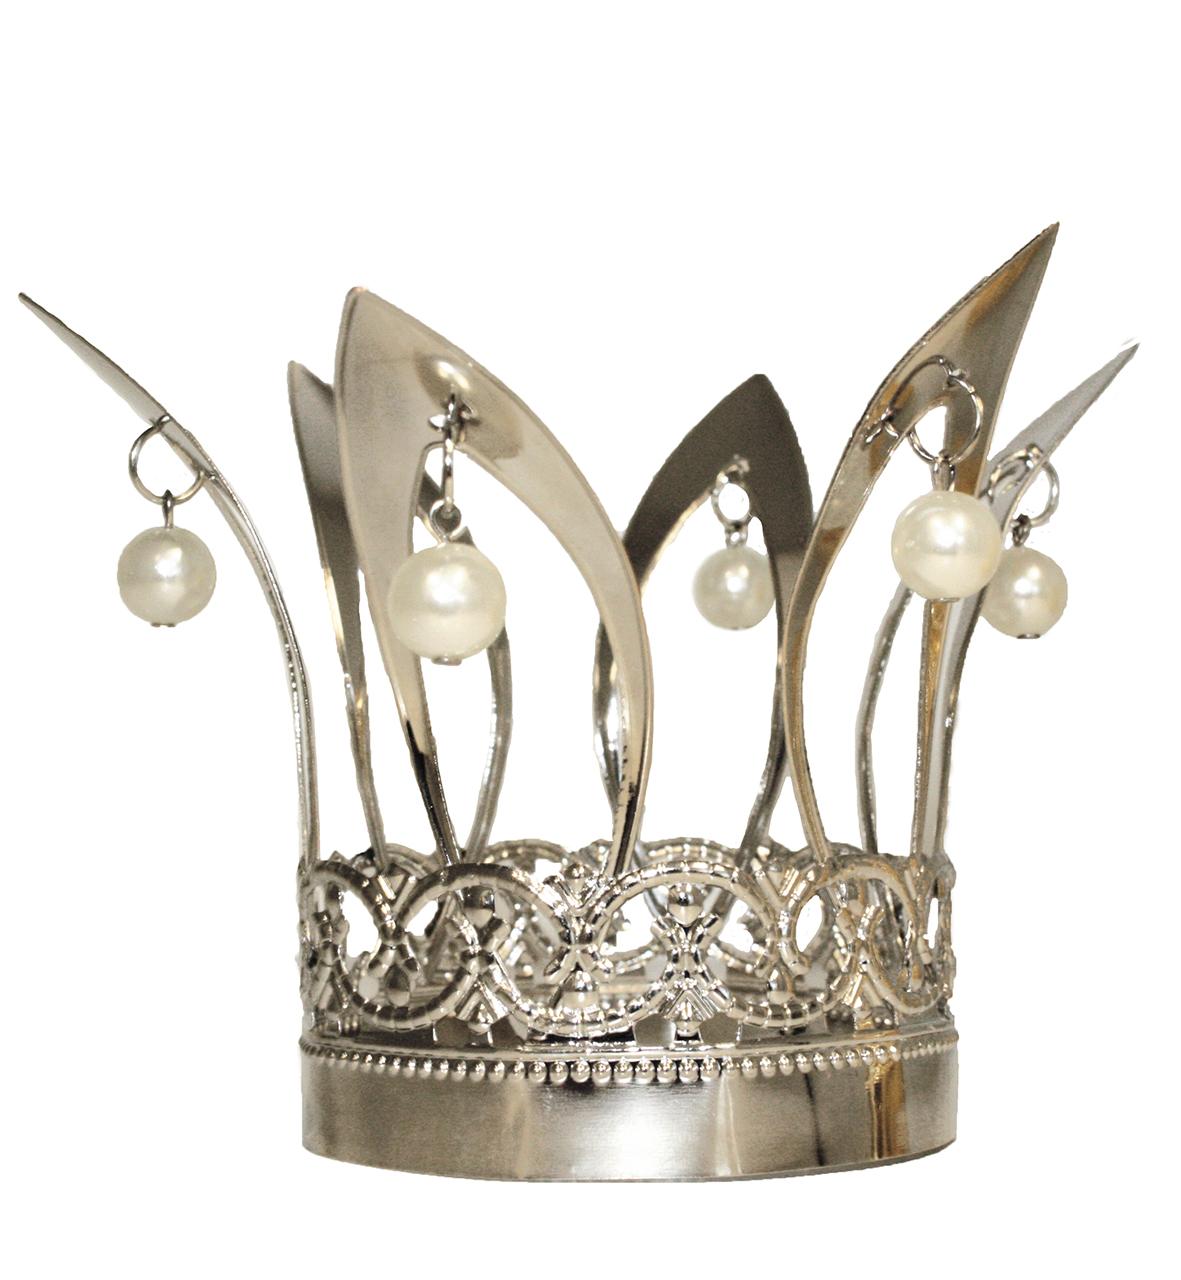 Kronchen Metall In Silber Ca 13x7cm Prinzessin Krone Fur